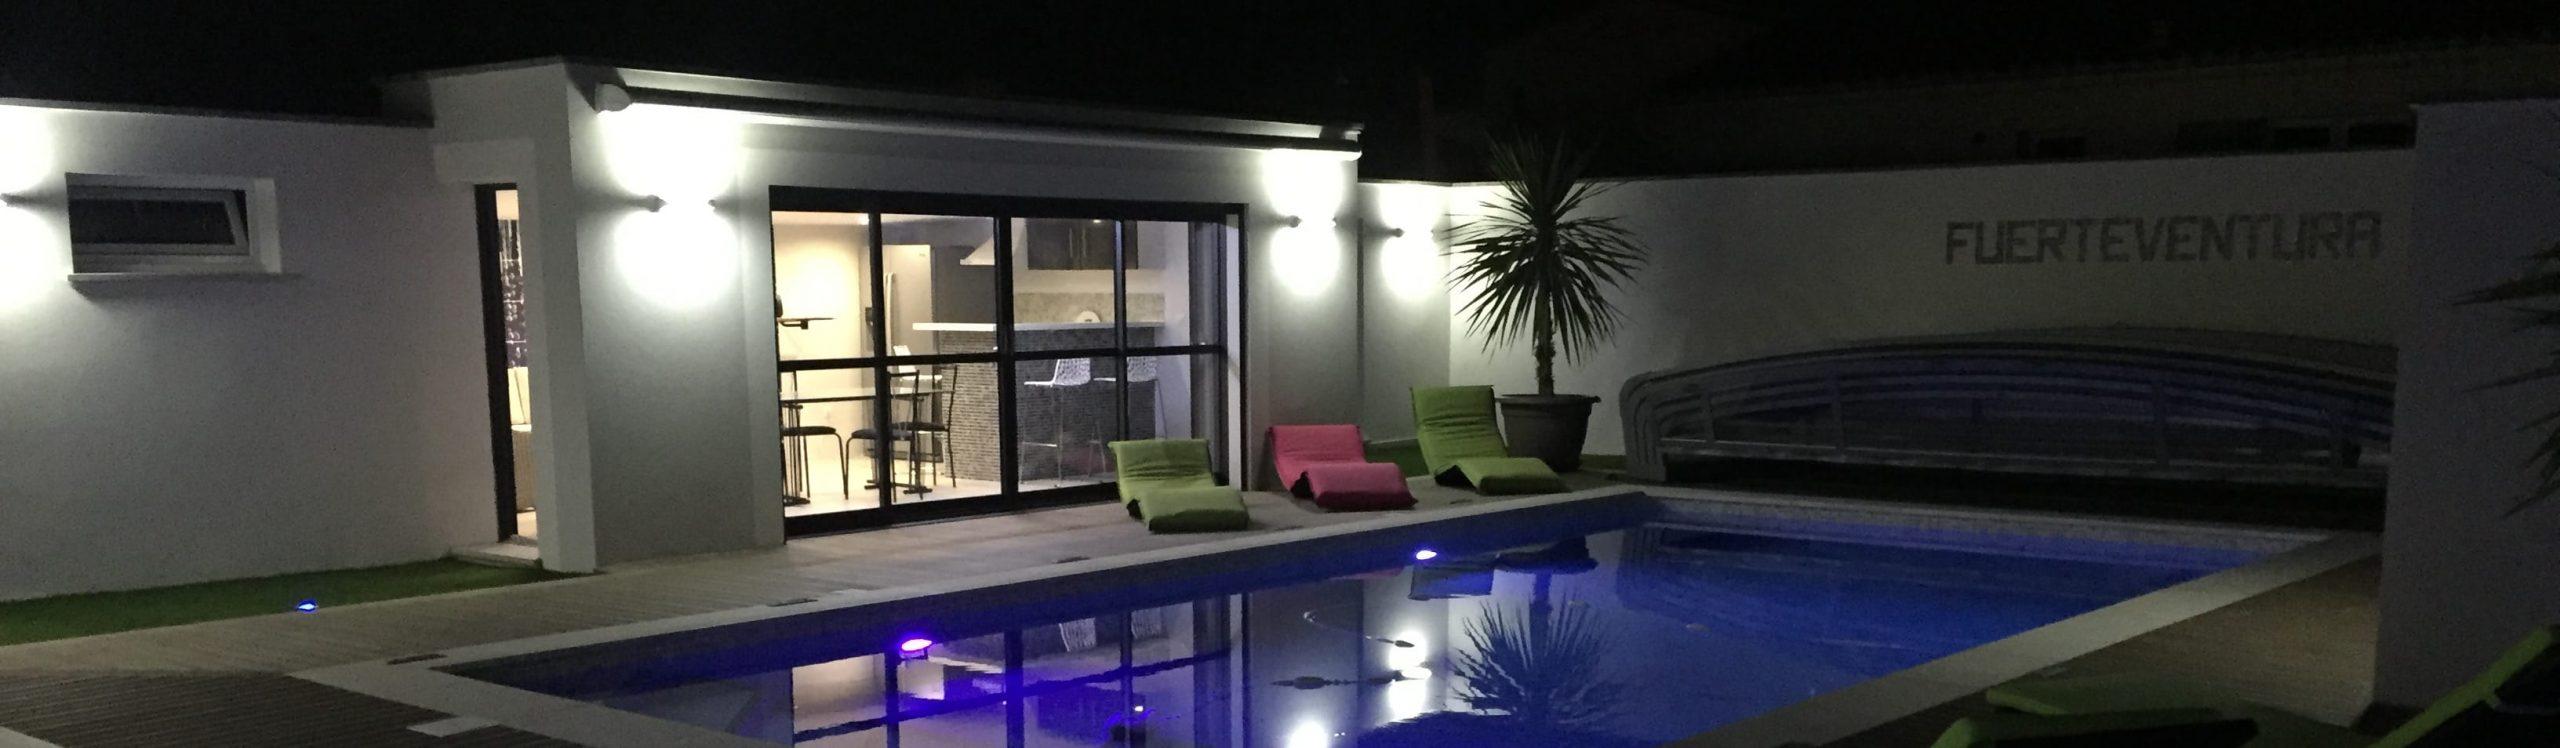 Magnifique Rénovation D'une Villa Dans Un Style Contemporain ... pour Piscine Lunel